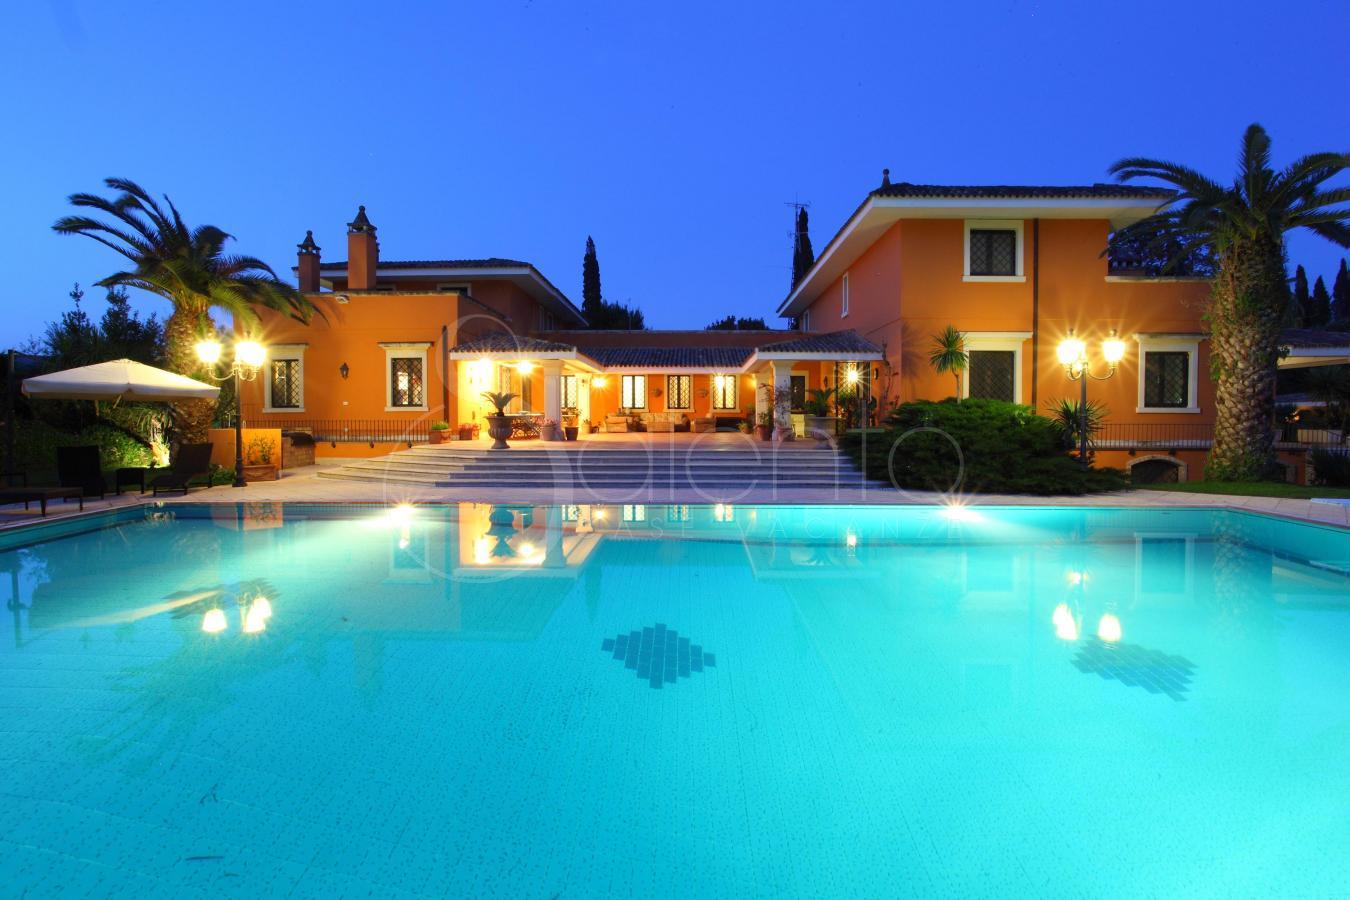 Lecce villa di lusso con piscina e campo da tennis - Piscine a lecce ...